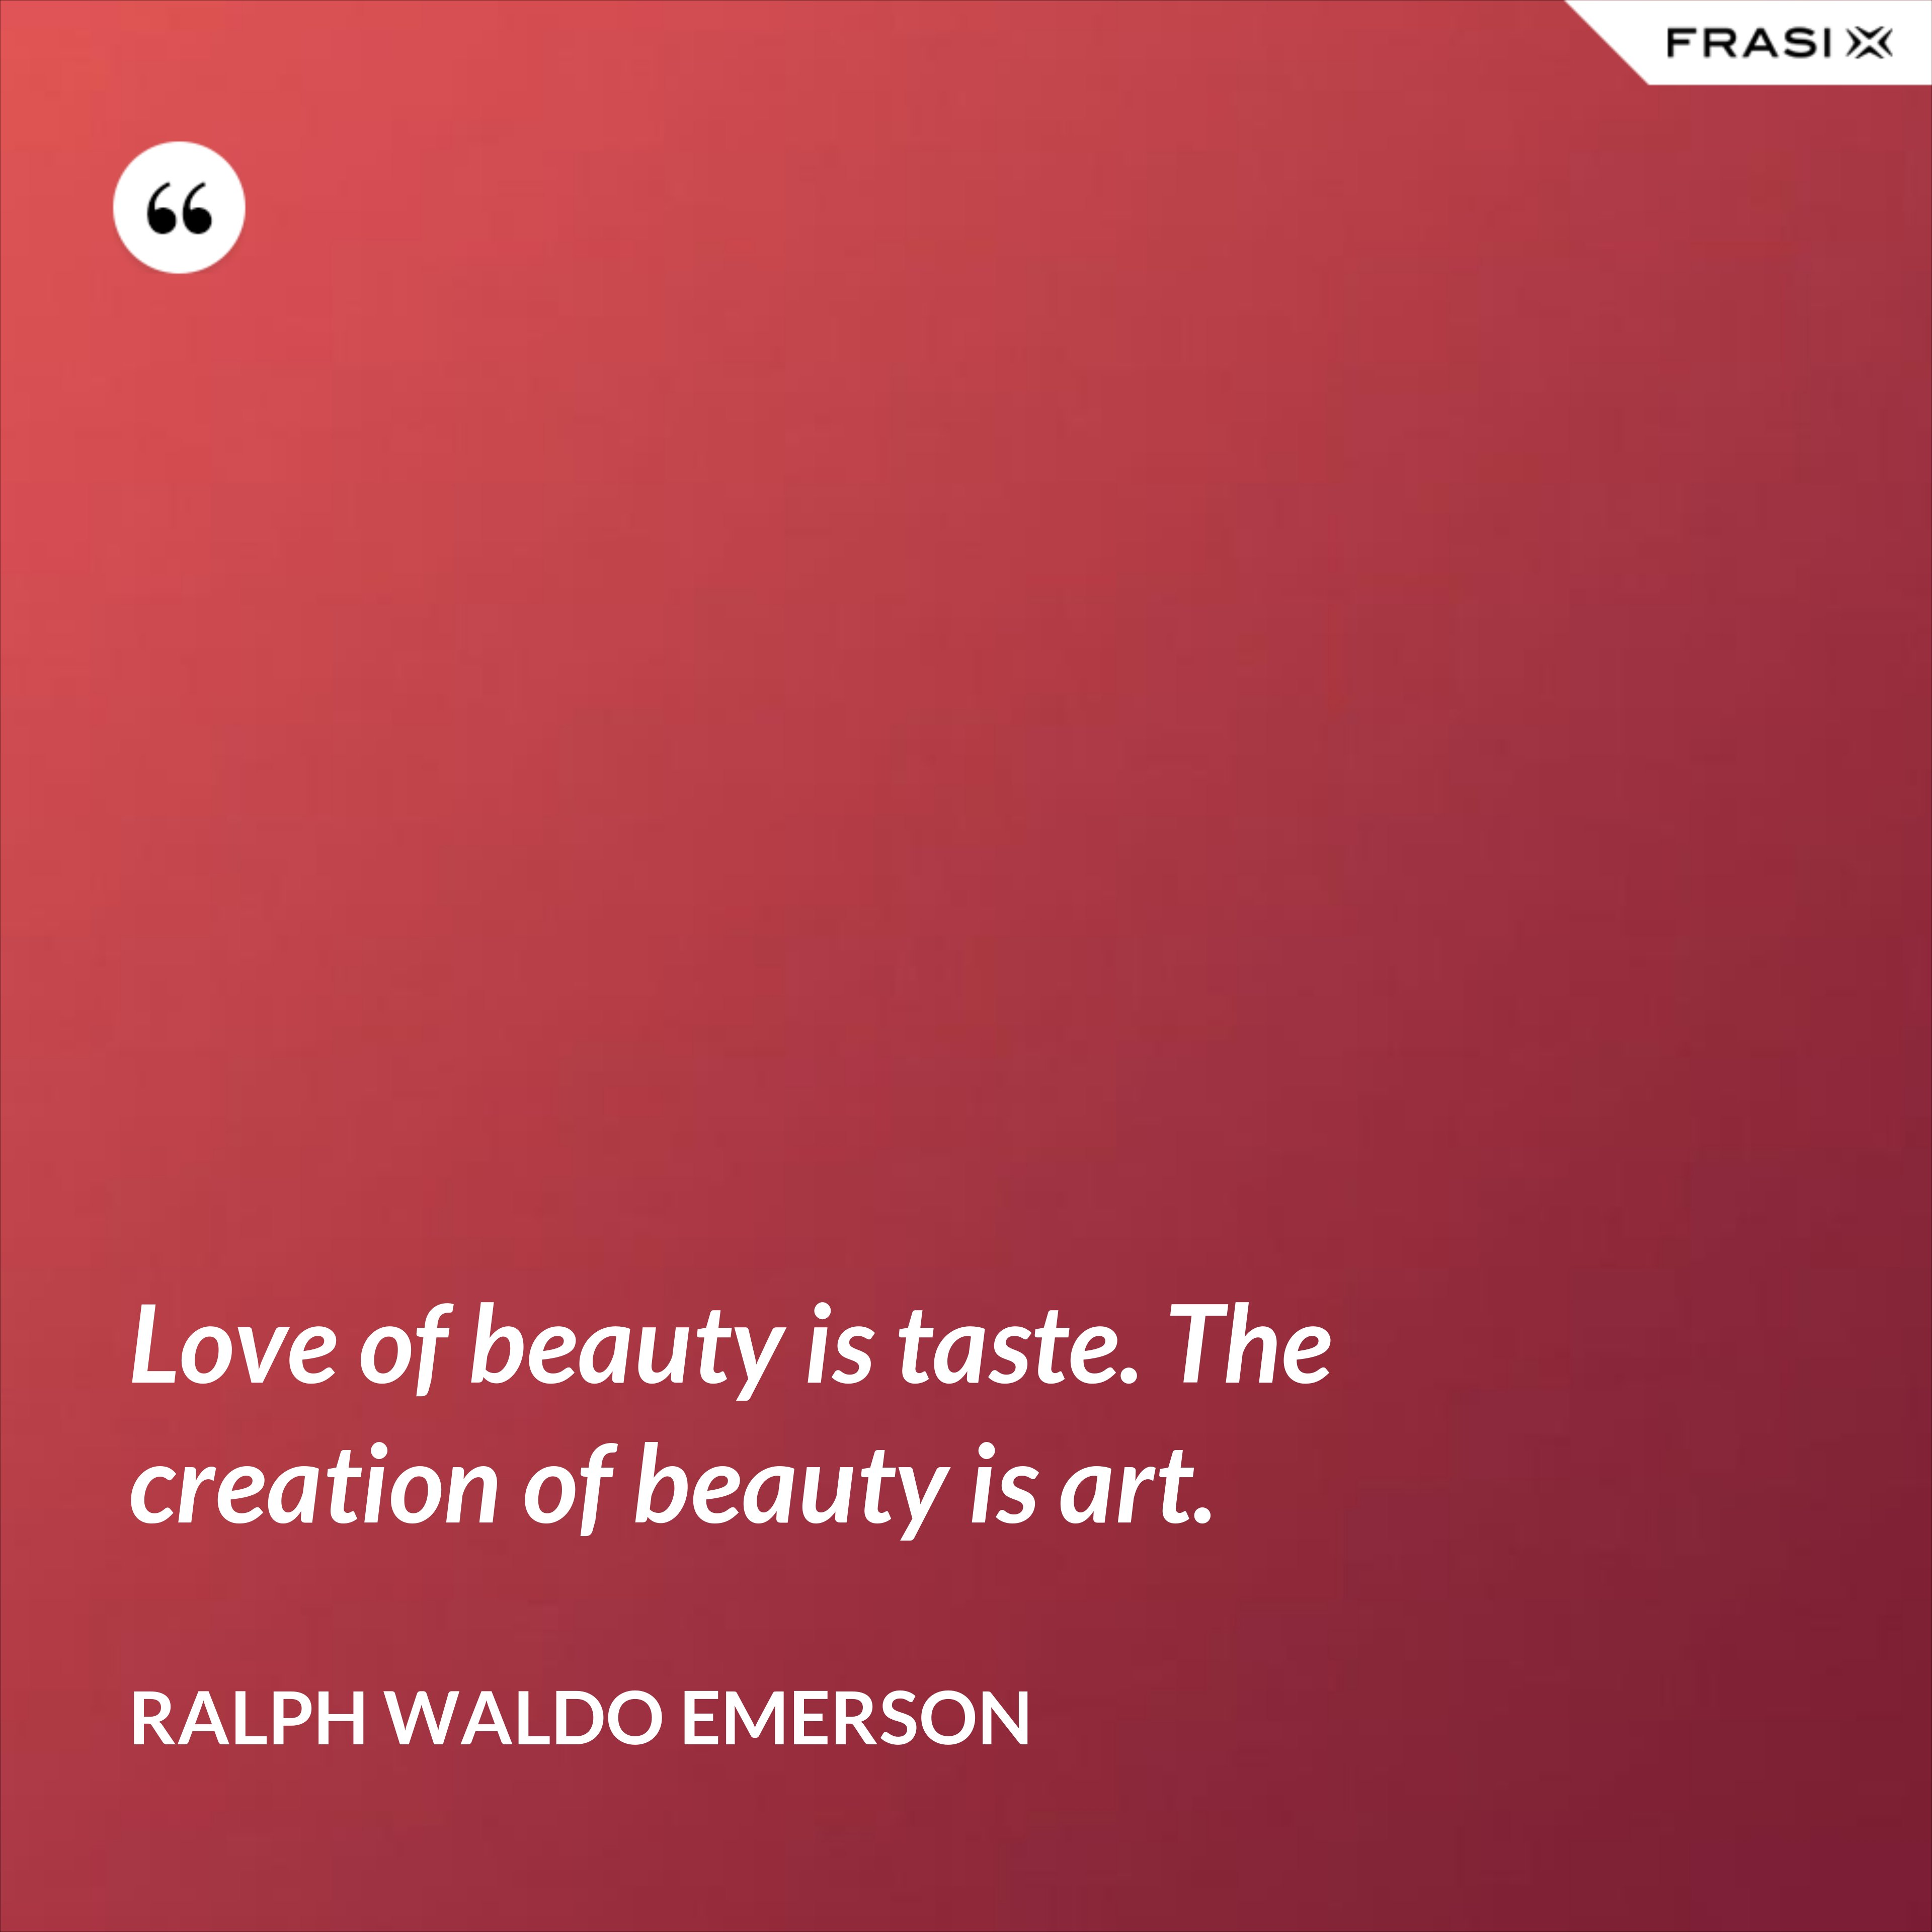 Love of beauty is taste. The creation of beauty is art. - Ralph Waldo Emerson